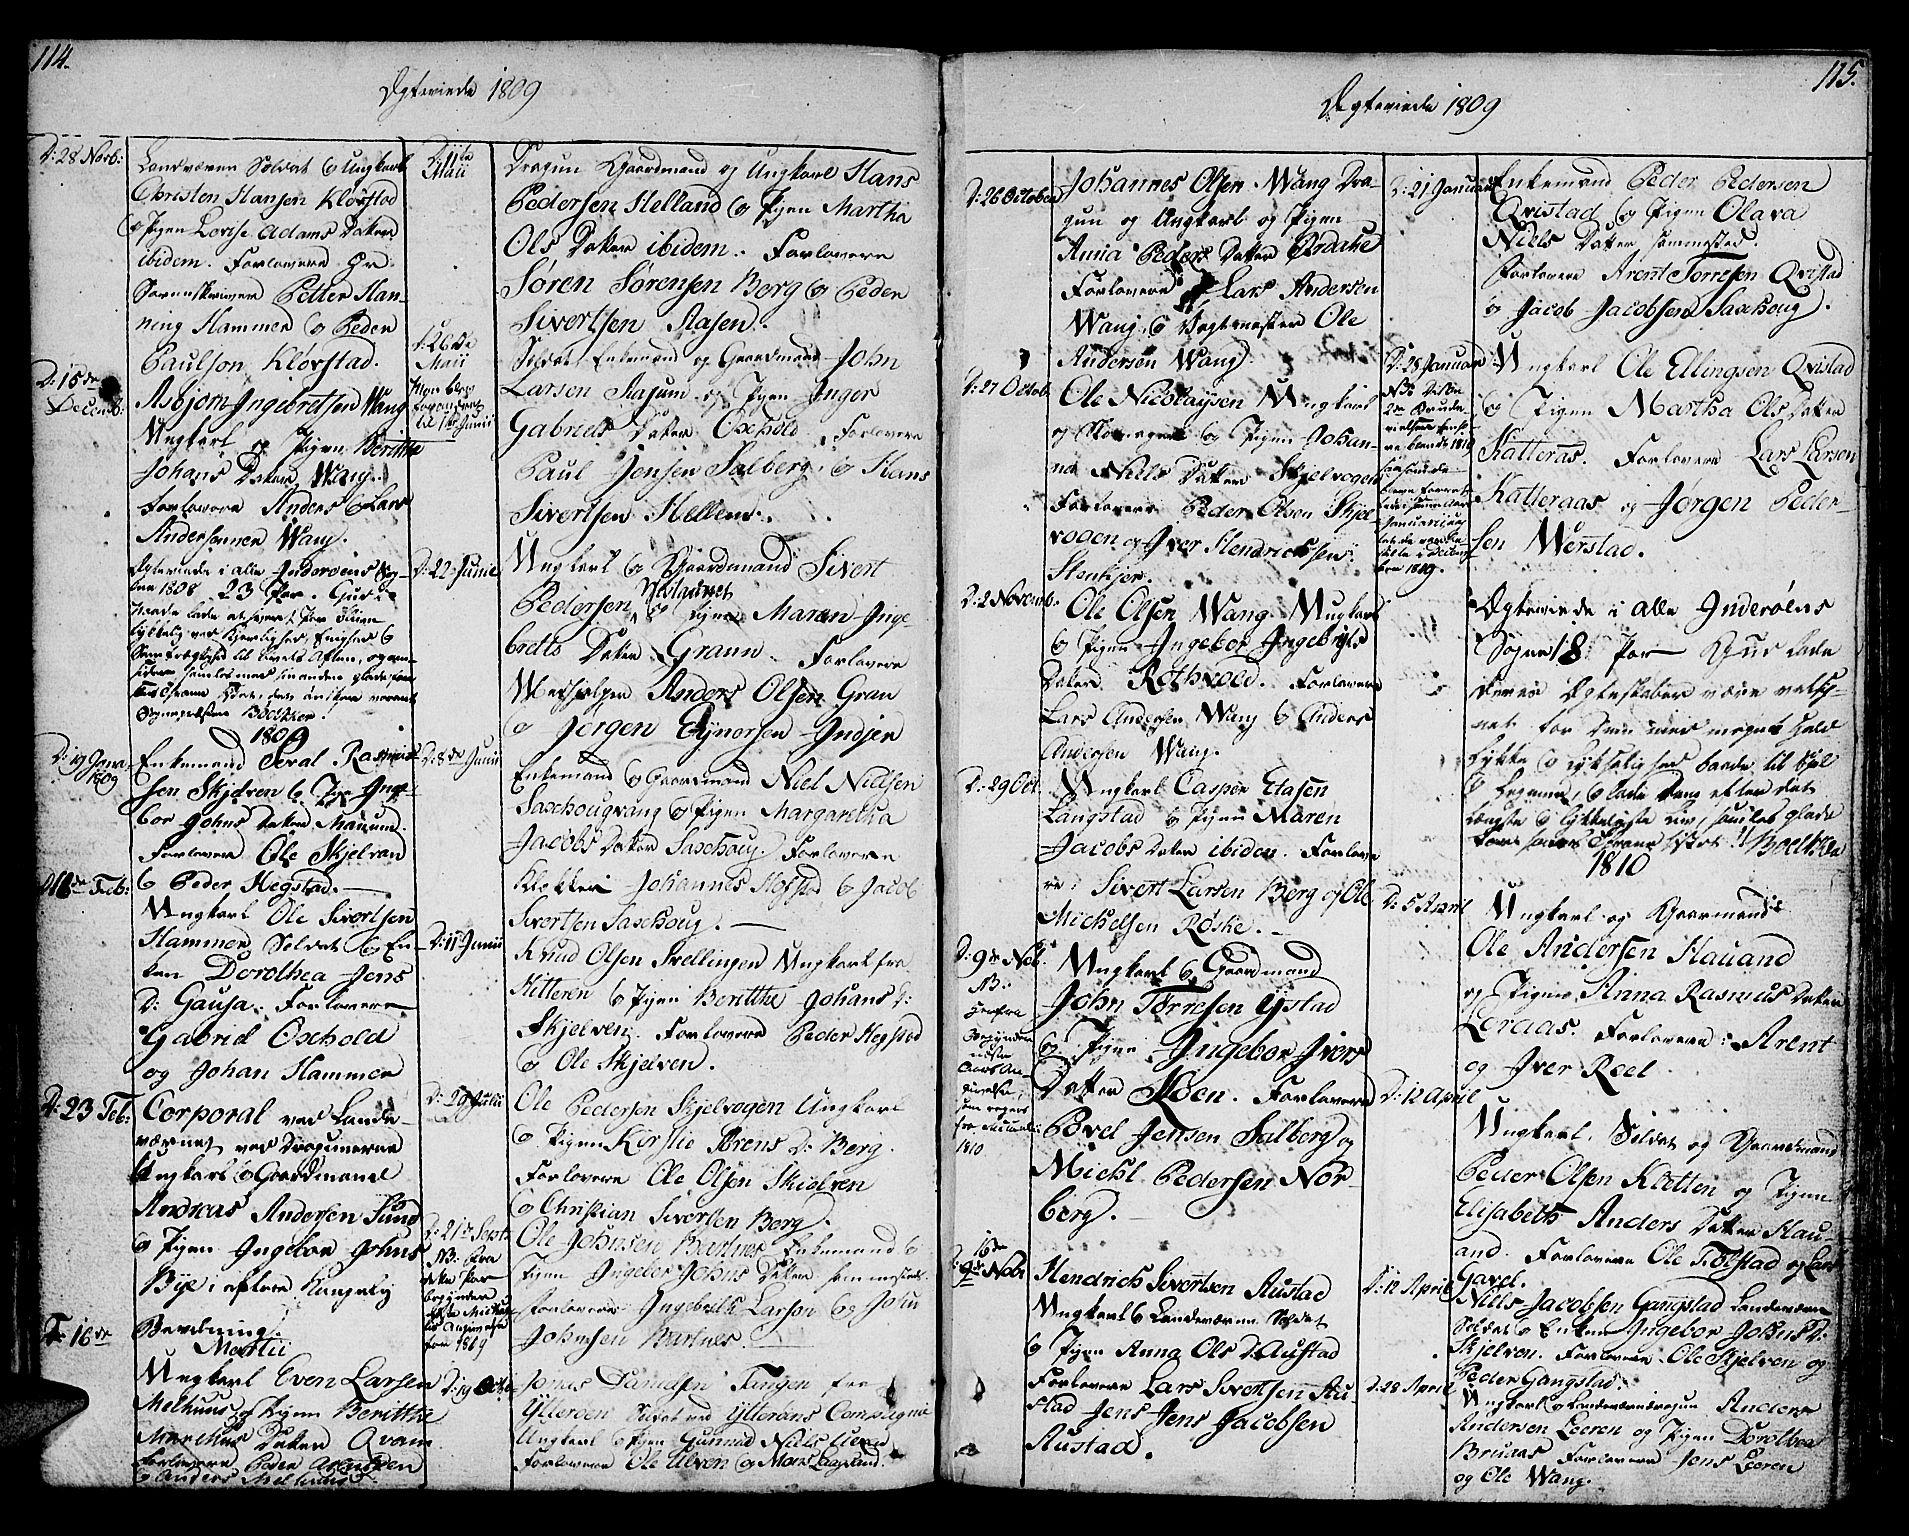 SAT, Ministerialprotokoller, klokkerbøker og fødselsregistre - Nord-Trøndelag, 730/L0274: Ministerialbok nr. 730A03, 1802-1816, s. 114-115